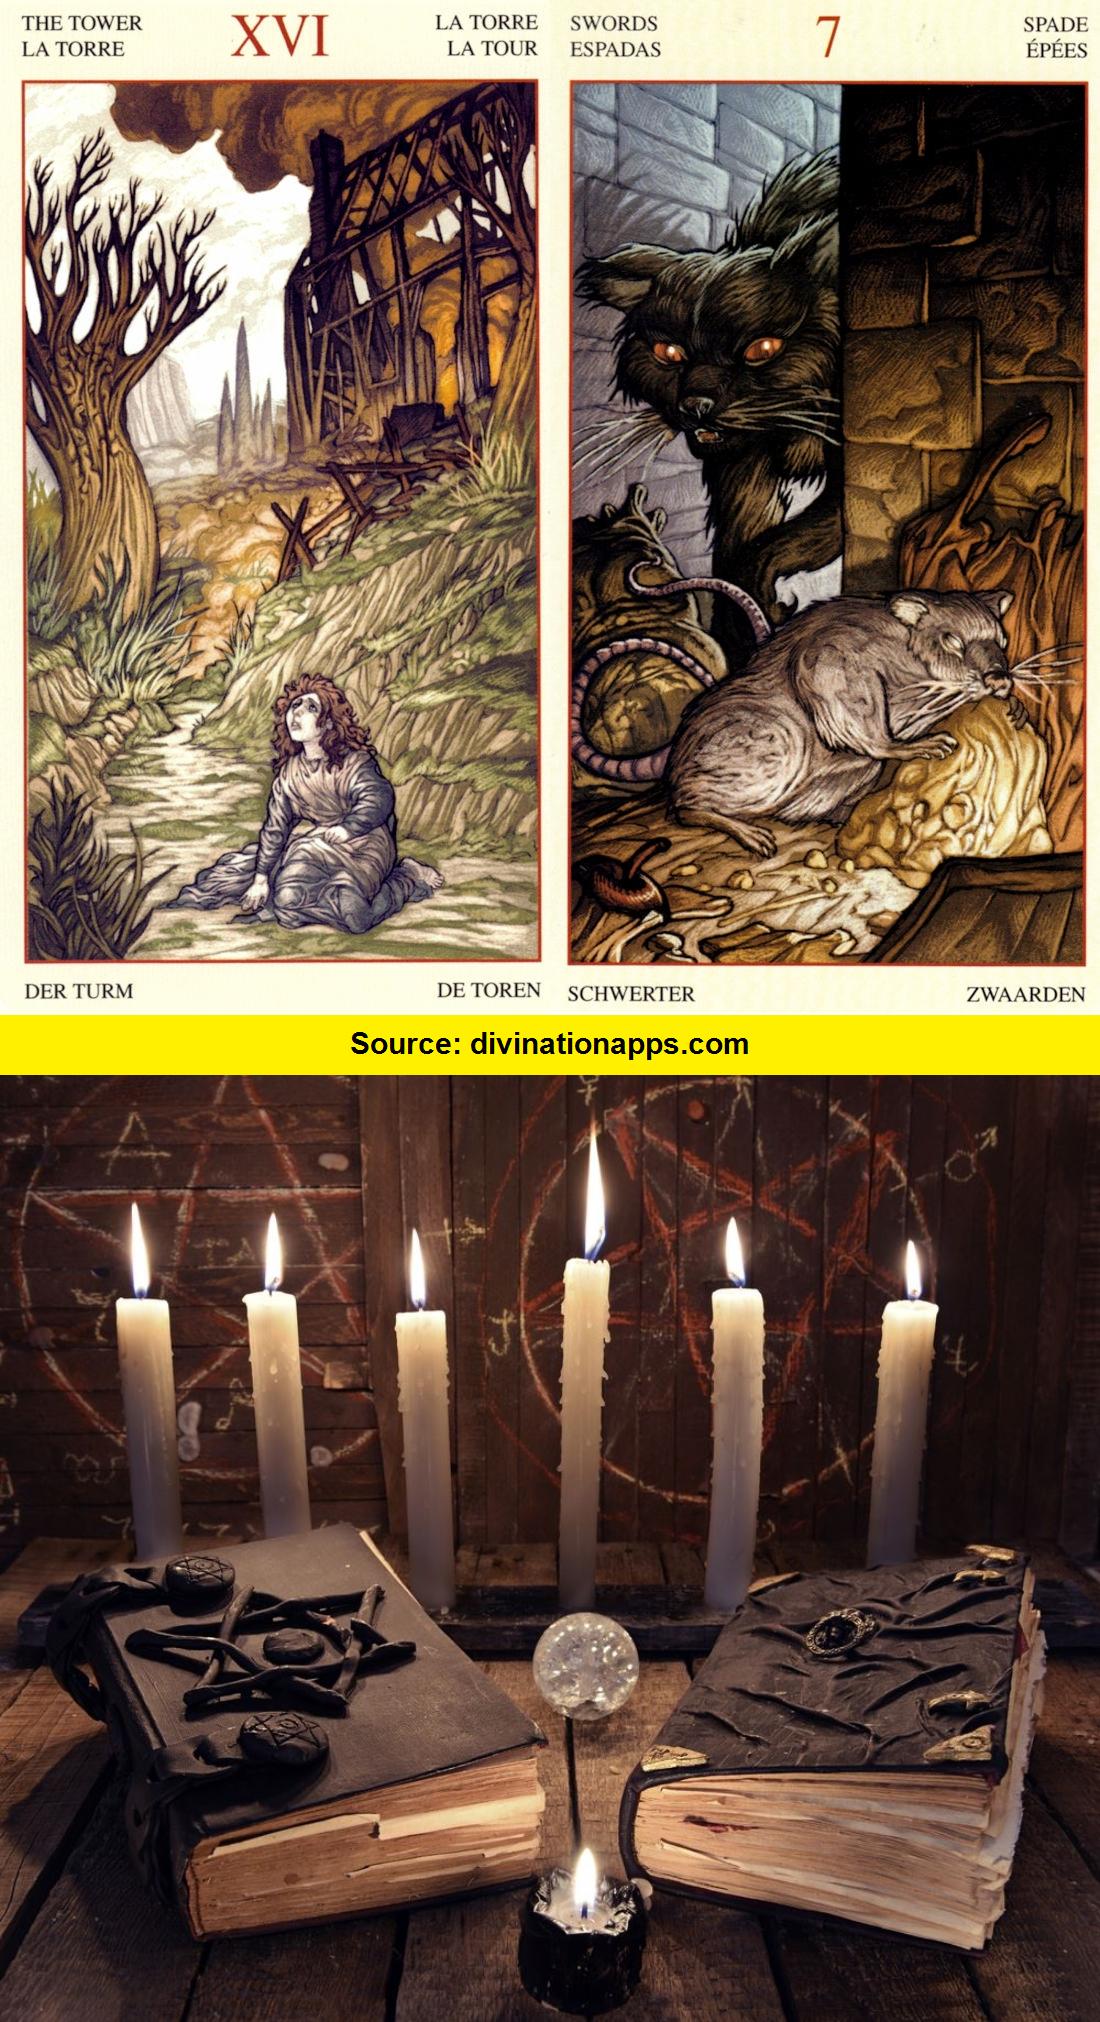 alison day free tarot reading, tarot 78 card deck and tarot